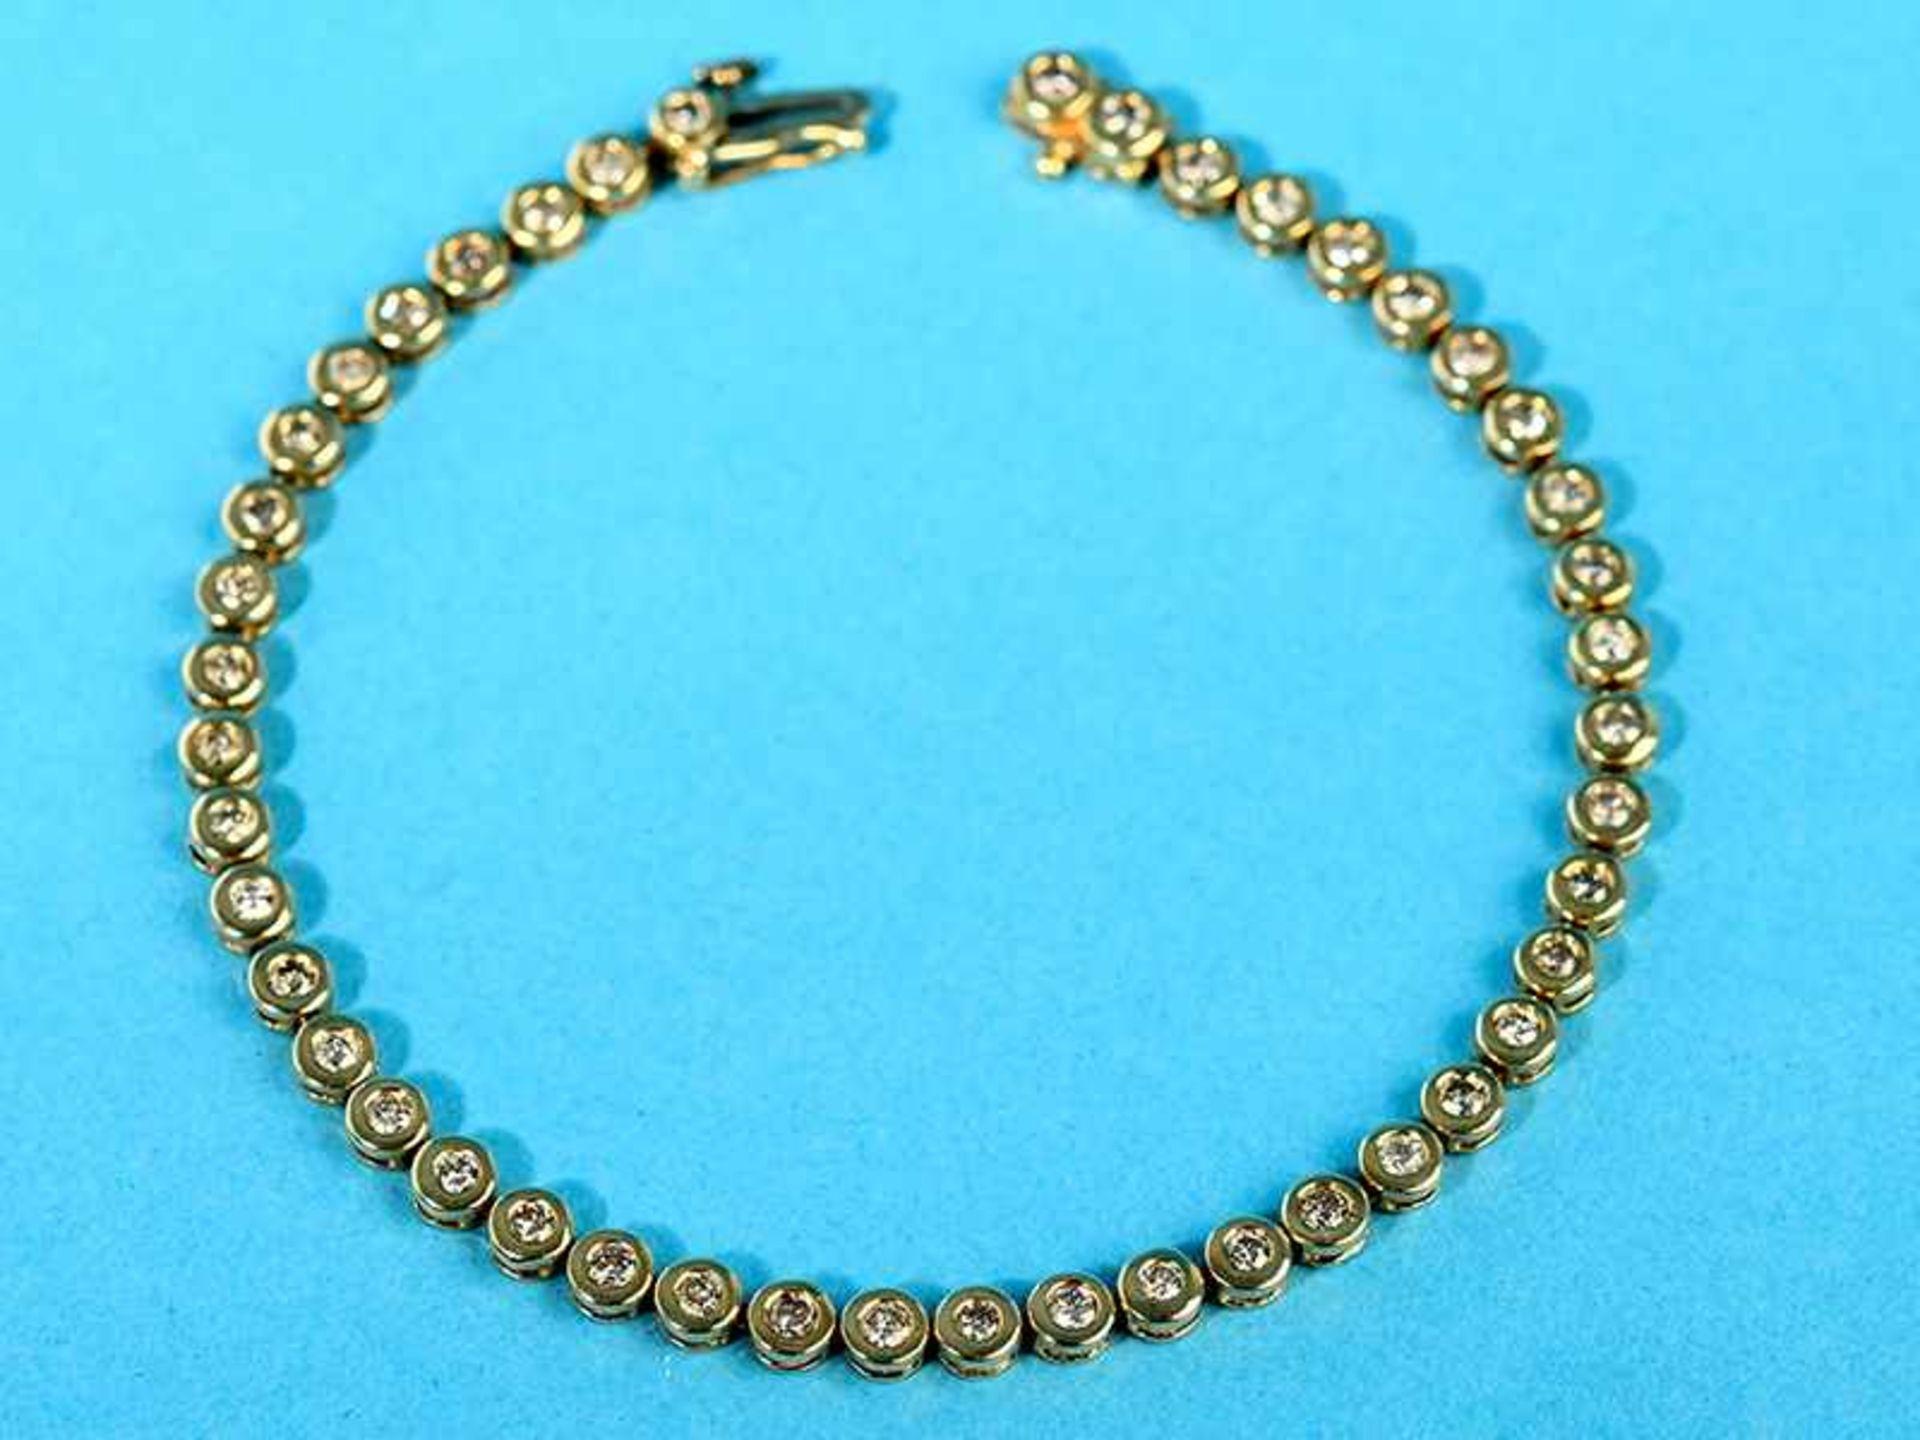 Tennisarmband mit 45 Brillanten, zusammen 2 ct, 70- er Jahre 585/- Gelbgold. Gesamtgewicht ca. 9